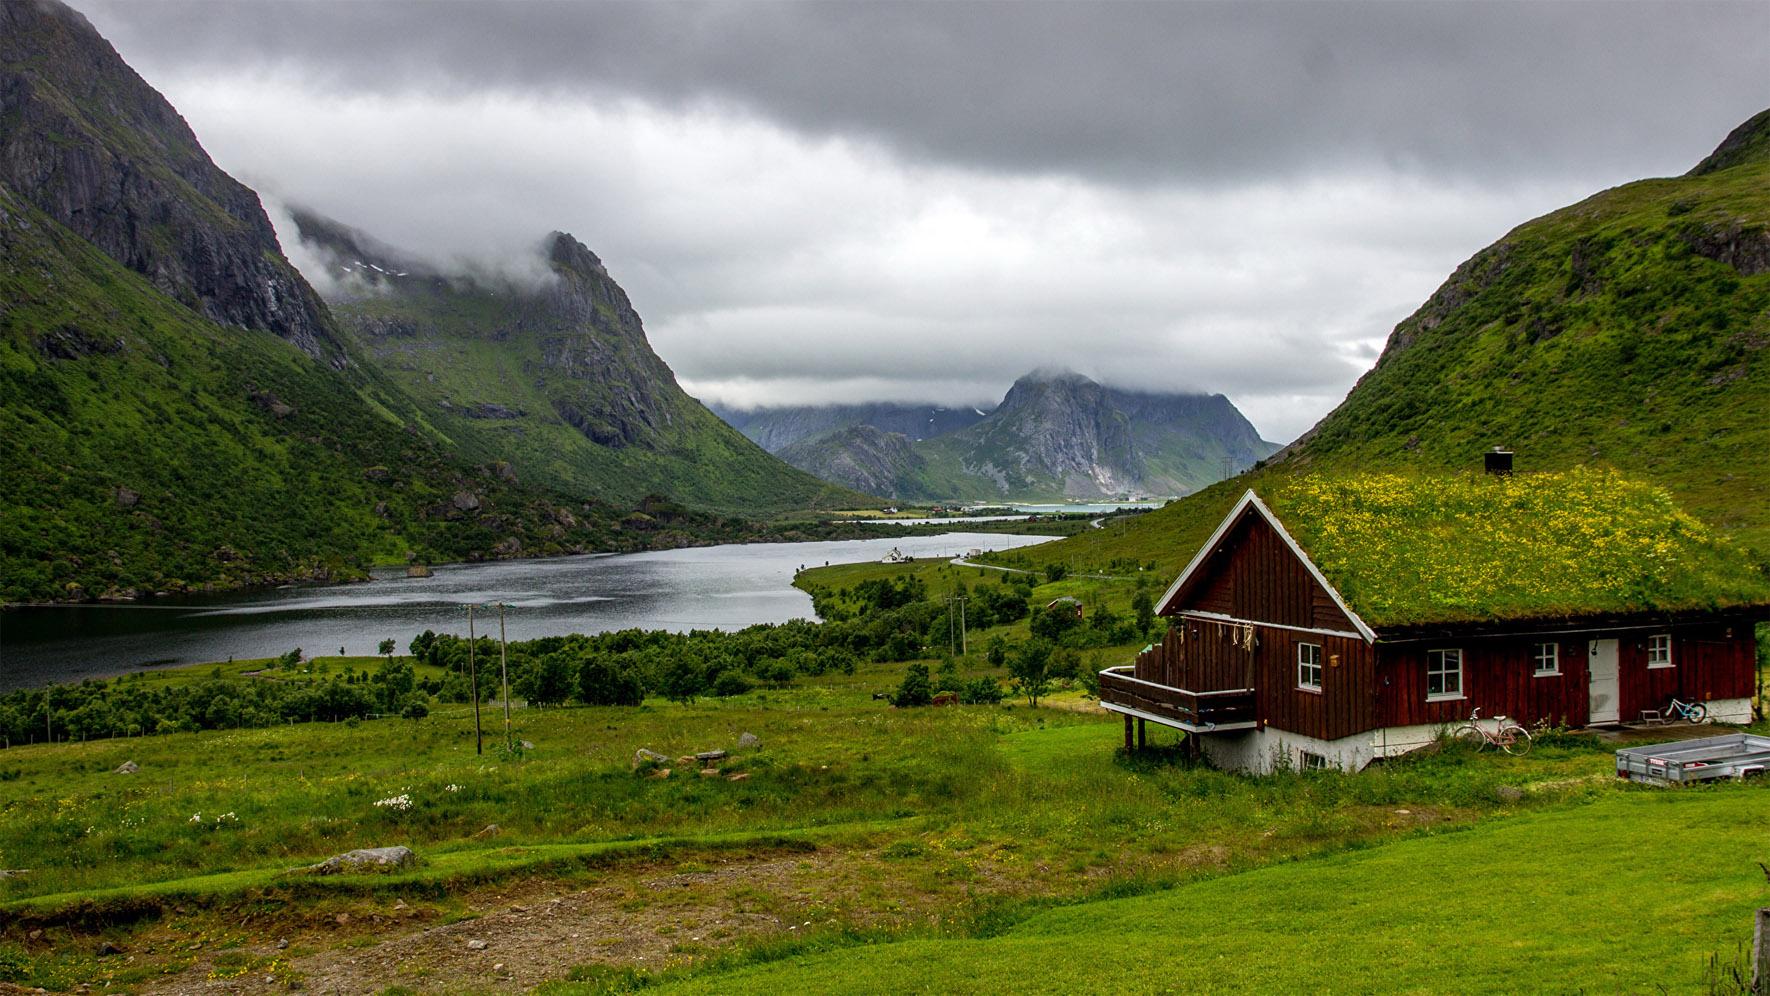 Самые удивительные и красивые фото, картинки Норвегии - сборка 12